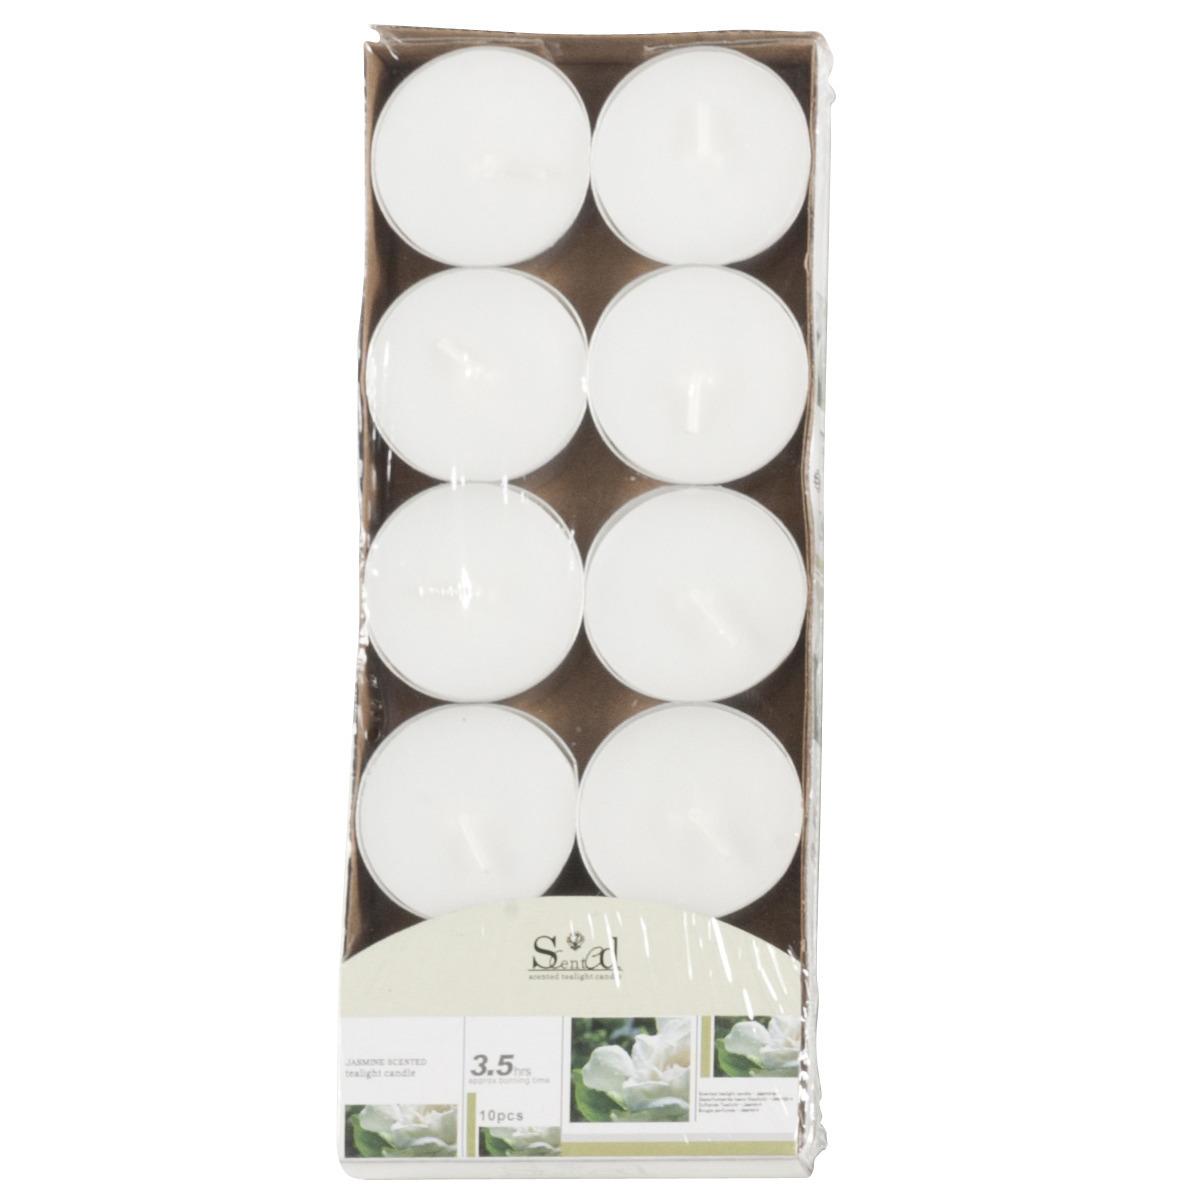 Image of Geur theelichtjes jasmijn wit 10 stuks